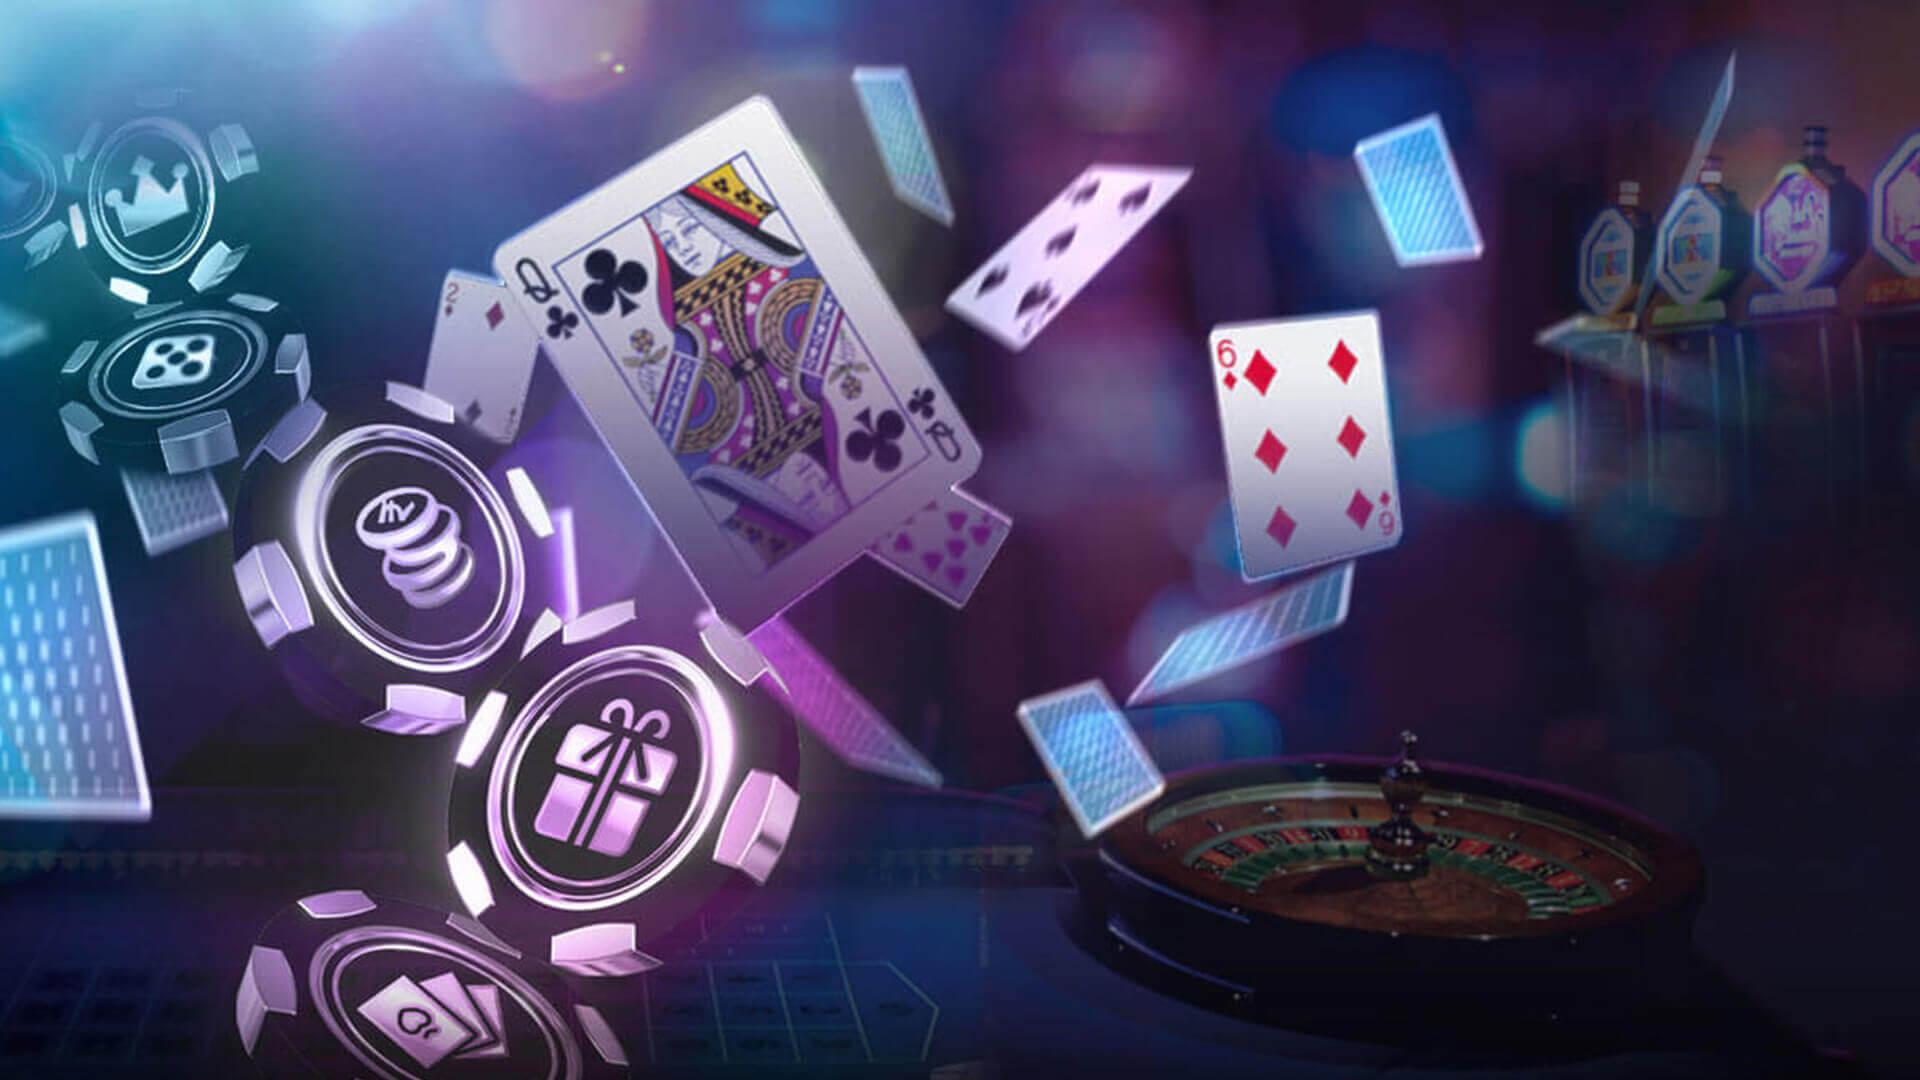 4 фотки казино адреналин возникающий время игры помимо игровые аппараты позволяют отдохнуть расслабиться